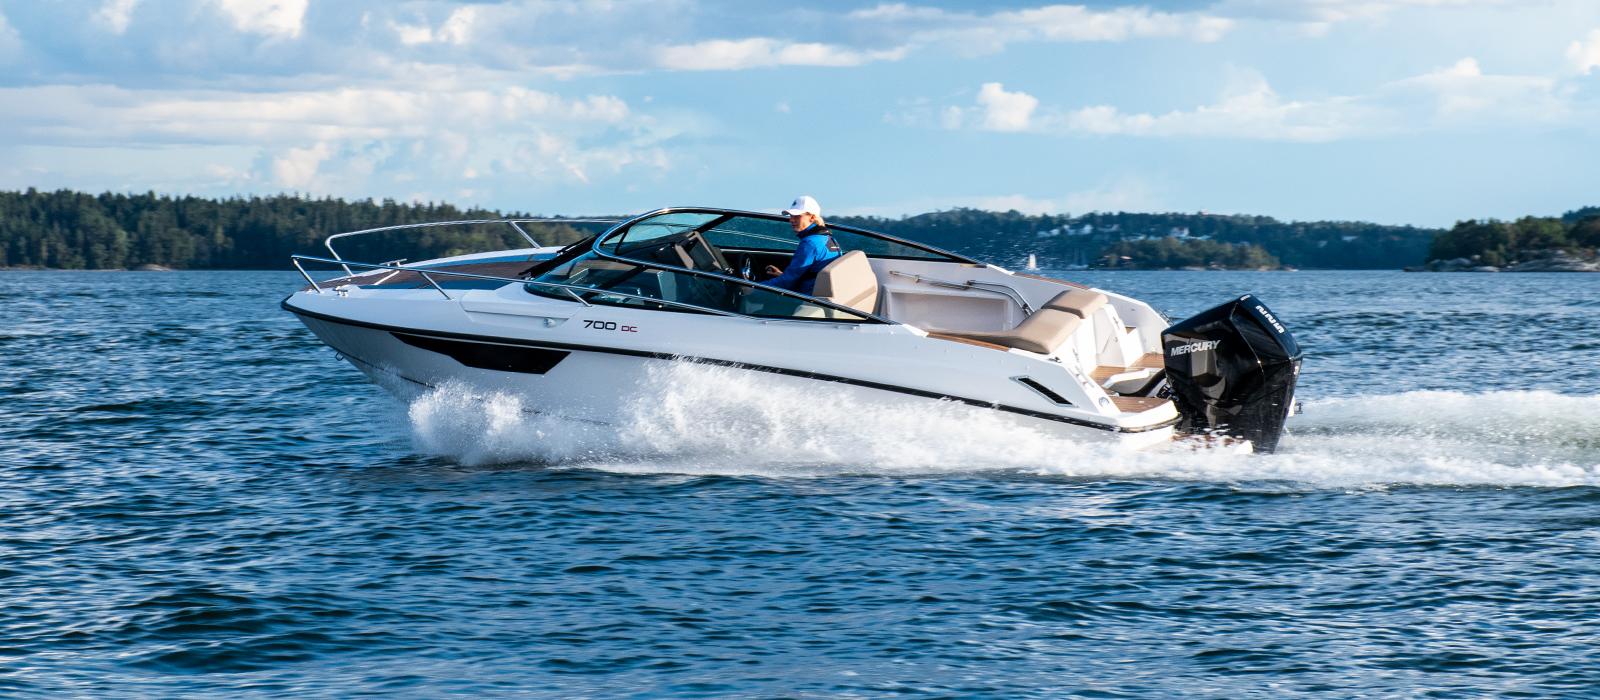 Full fart med Flipper 700 daycruiser (DC) hos Flipper Marin